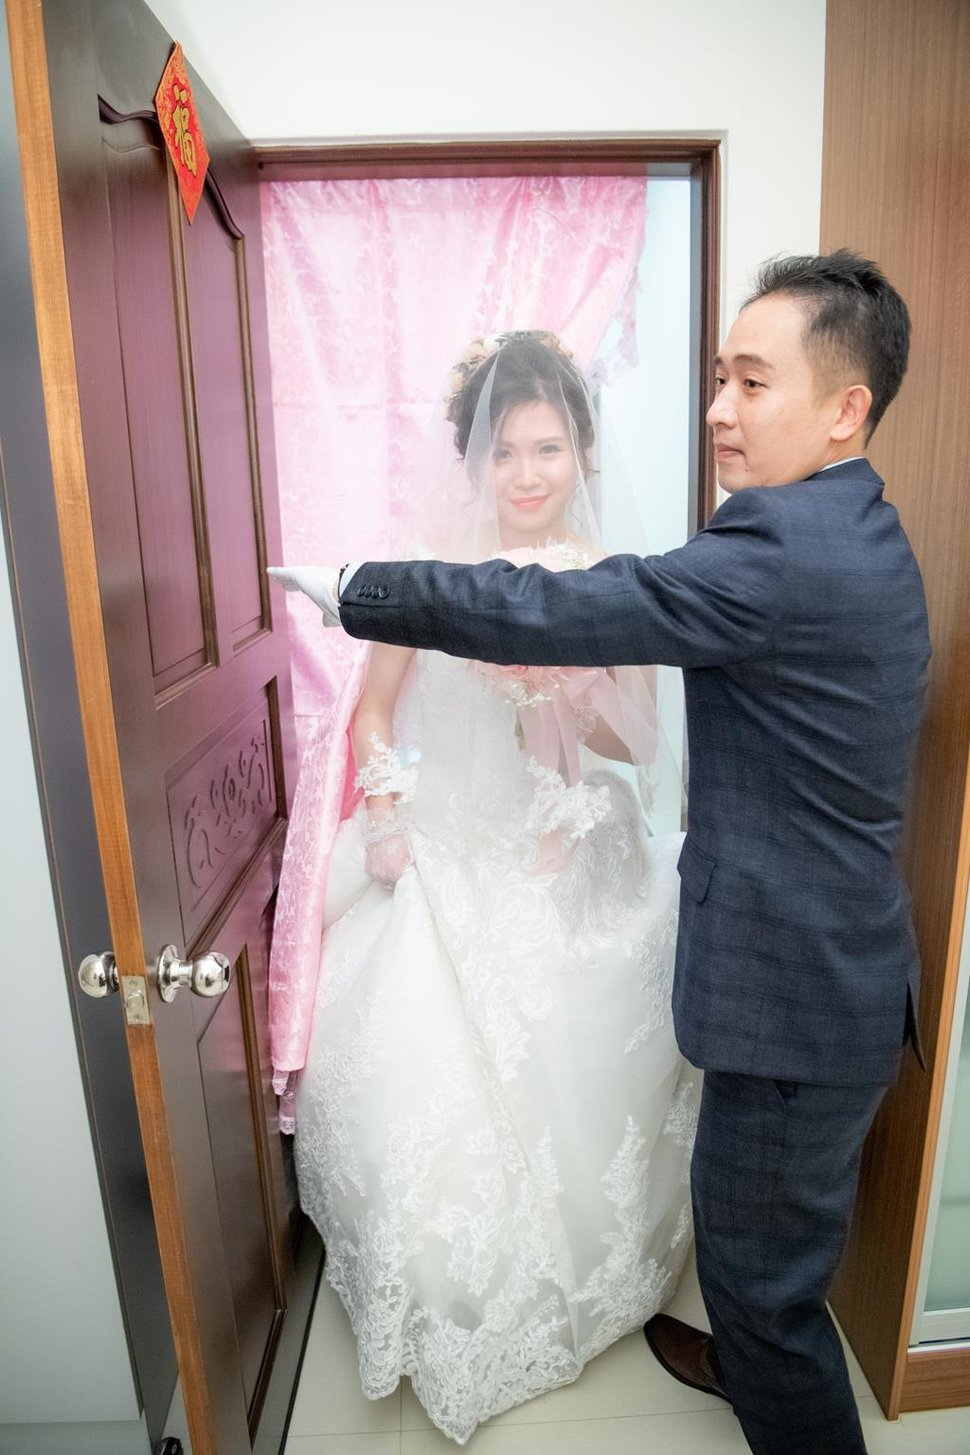 書孟&逸琳婚禮紀實-2-38 - Mr. Happiness 幸福先生《結婚吧》